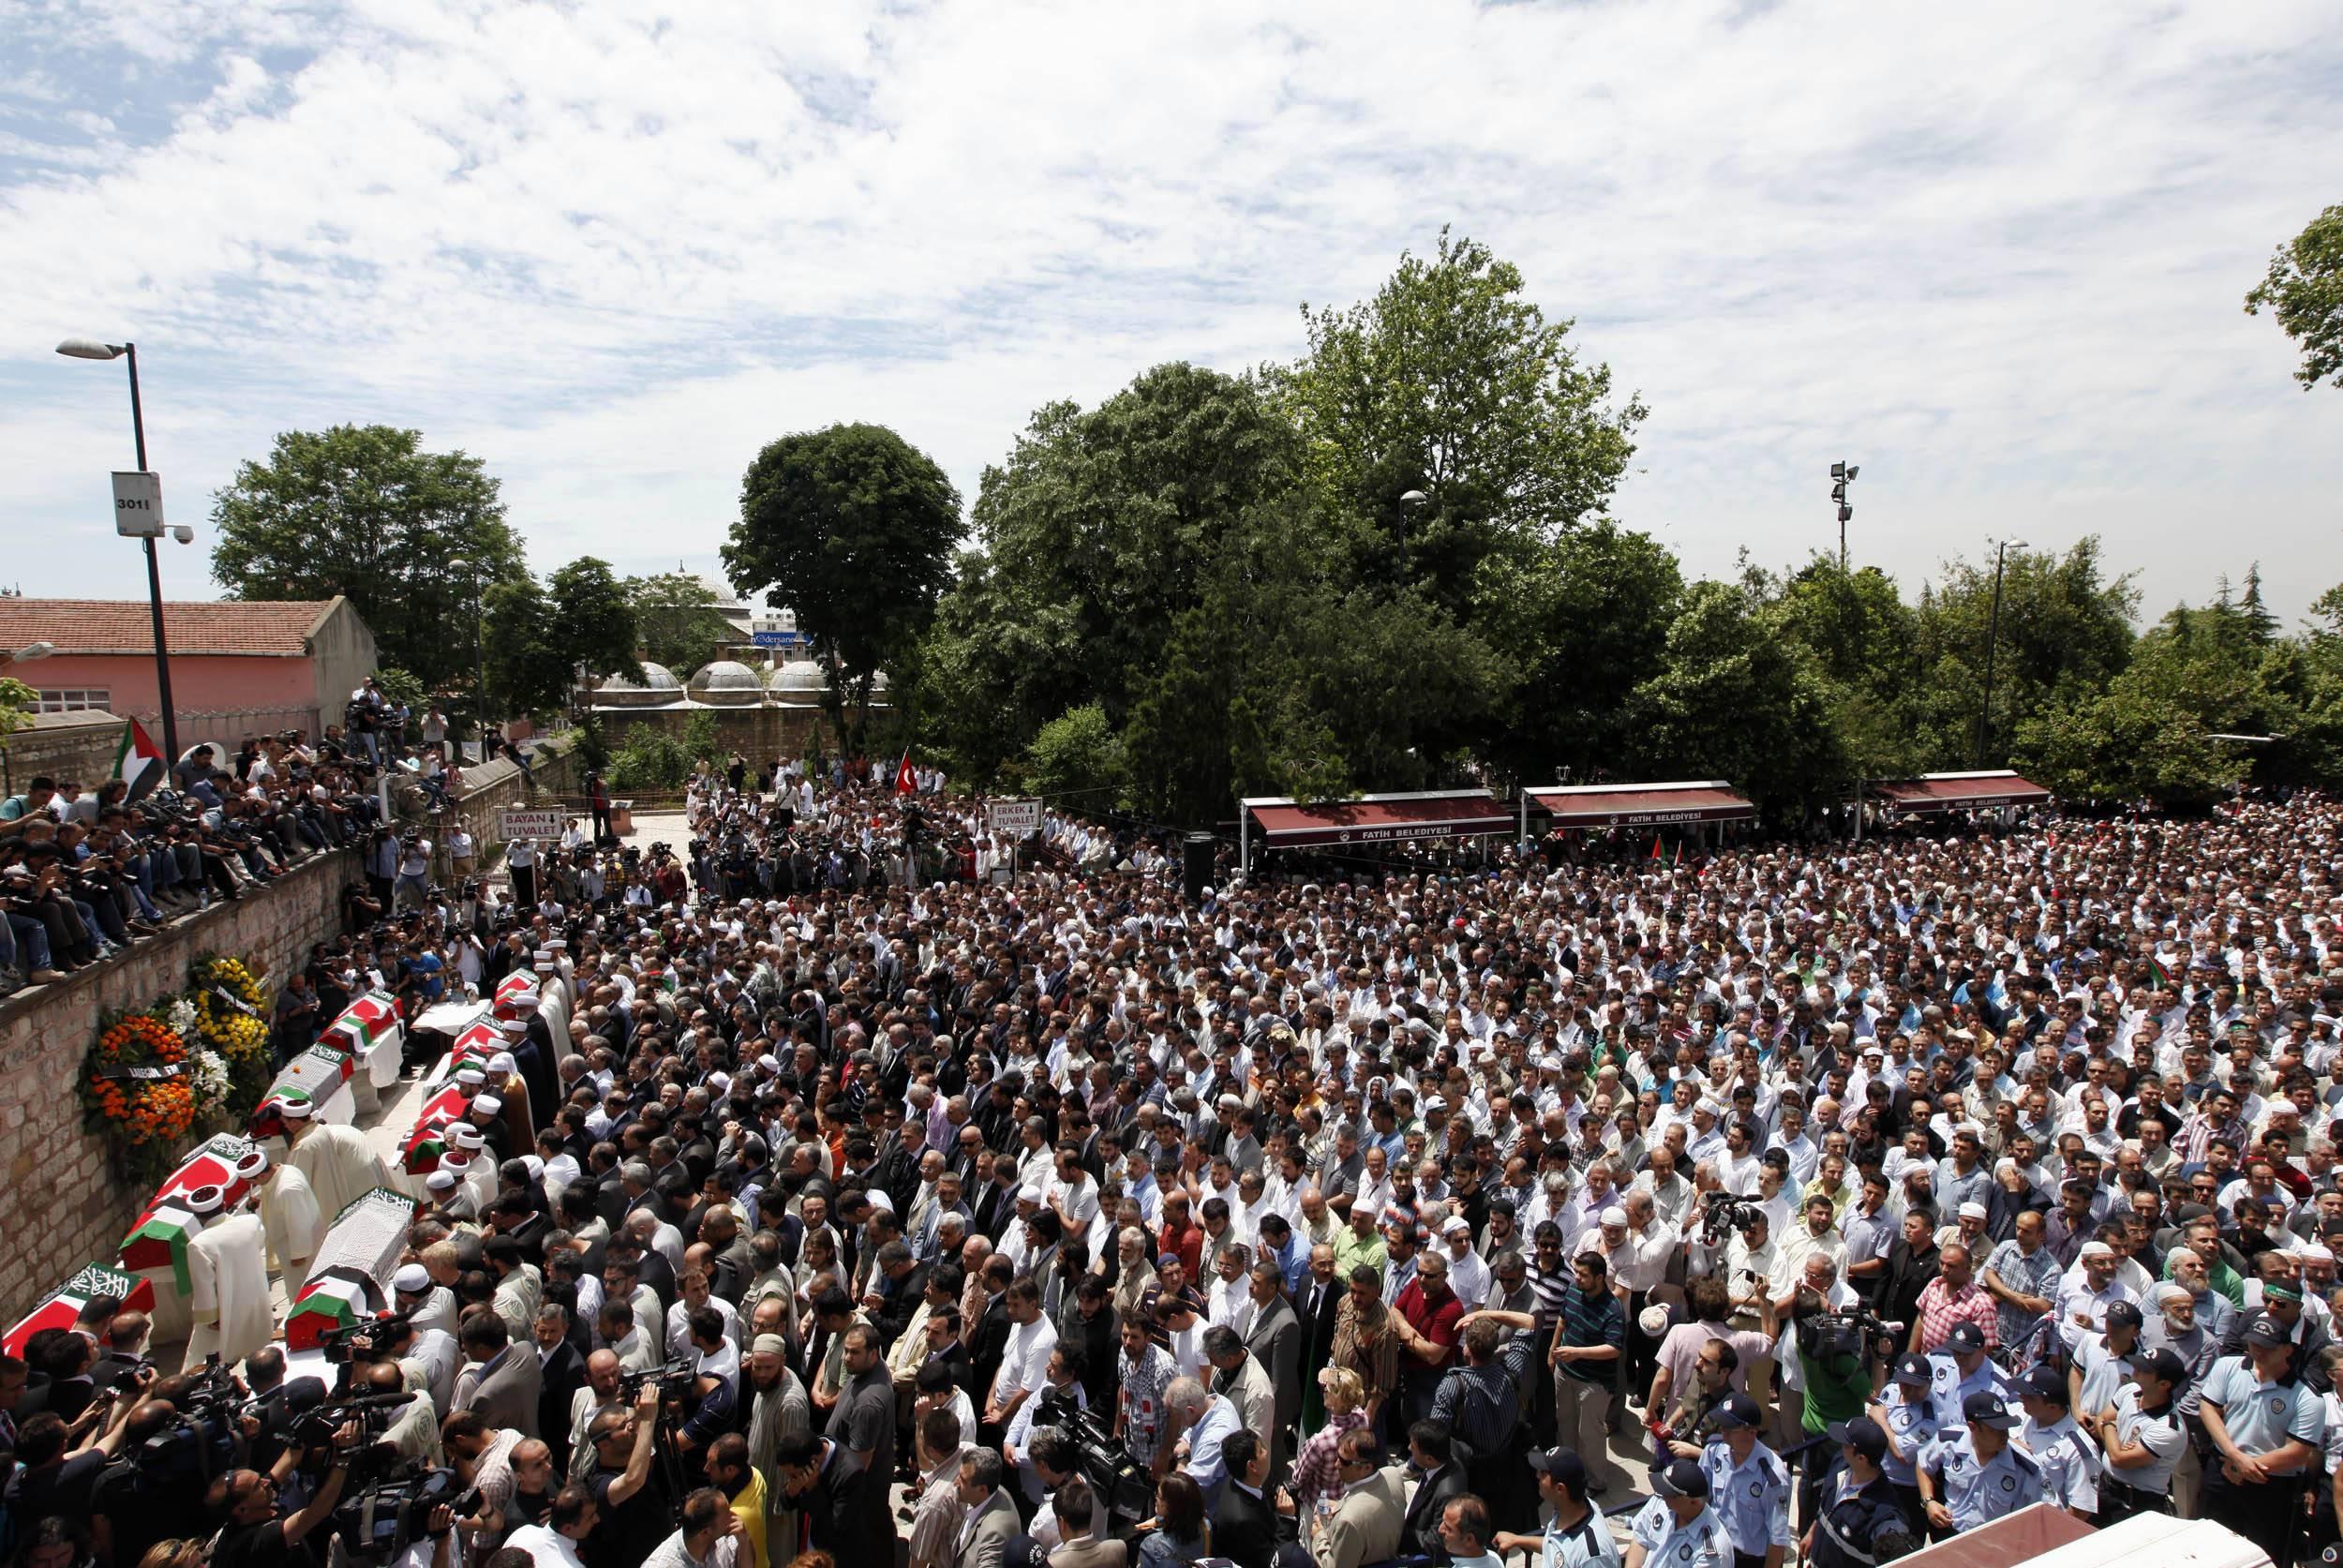 Χιλιάδες κόσμος στην κηδεία των εννέα ακτιβιστών (ΦΩΤΟ REUTERS)